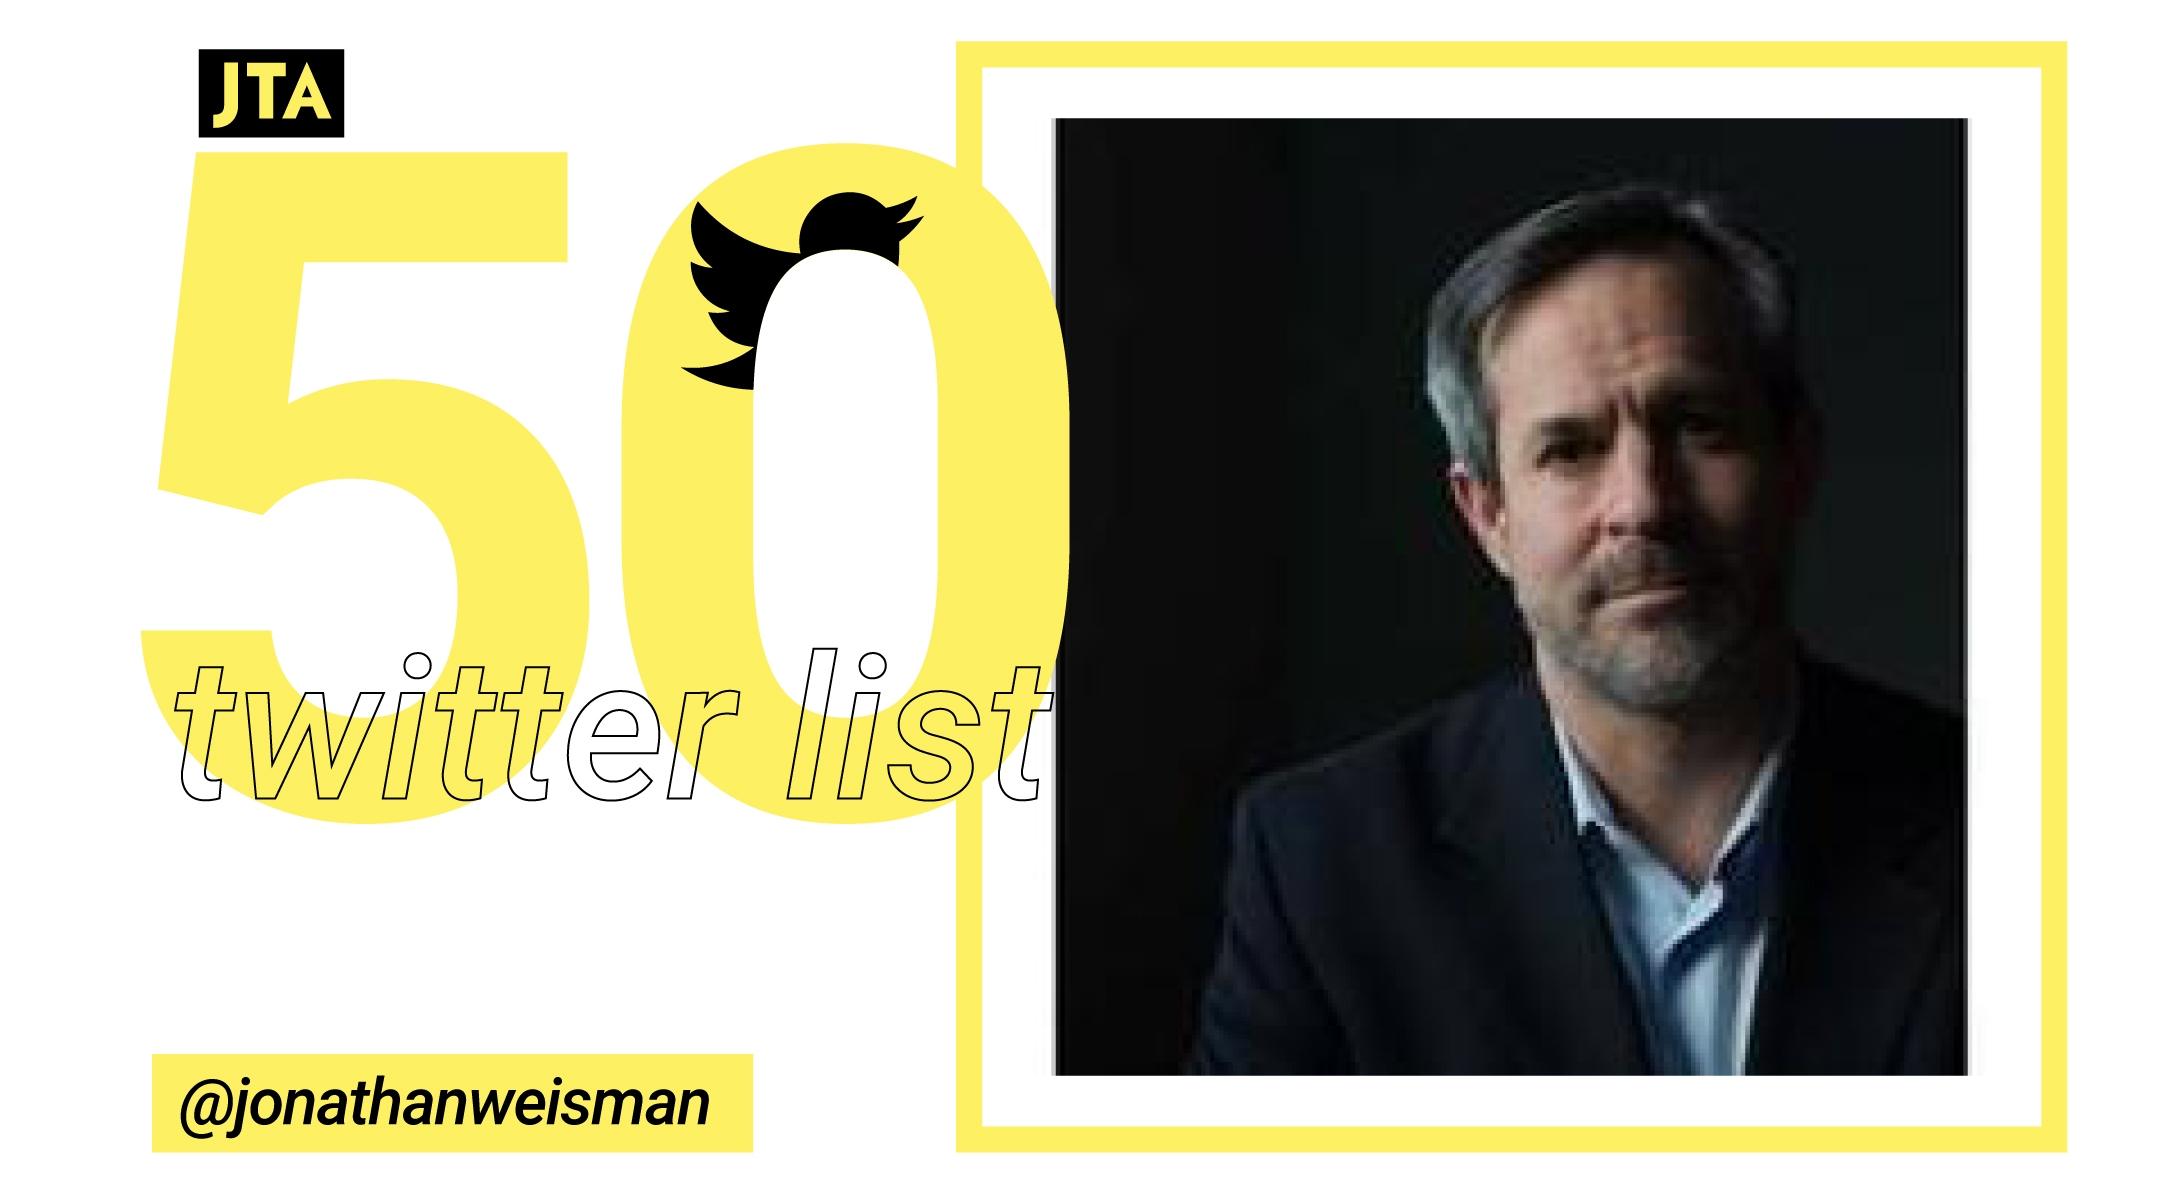 Jonathan Weisman